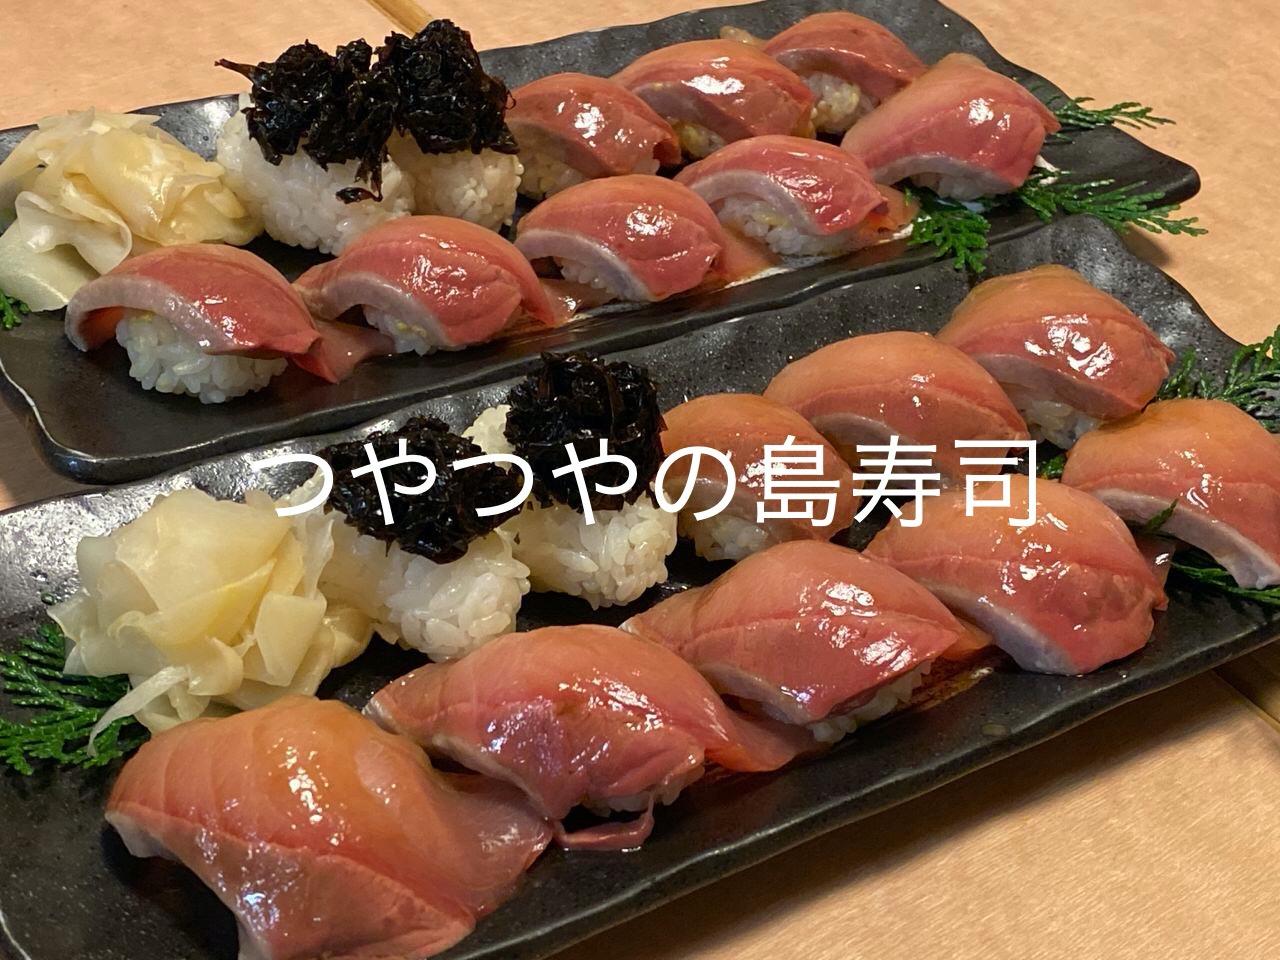 「八丈島」徒歩で行ける池袋の離島!明日葉の天ぷらと島寿司が絶品